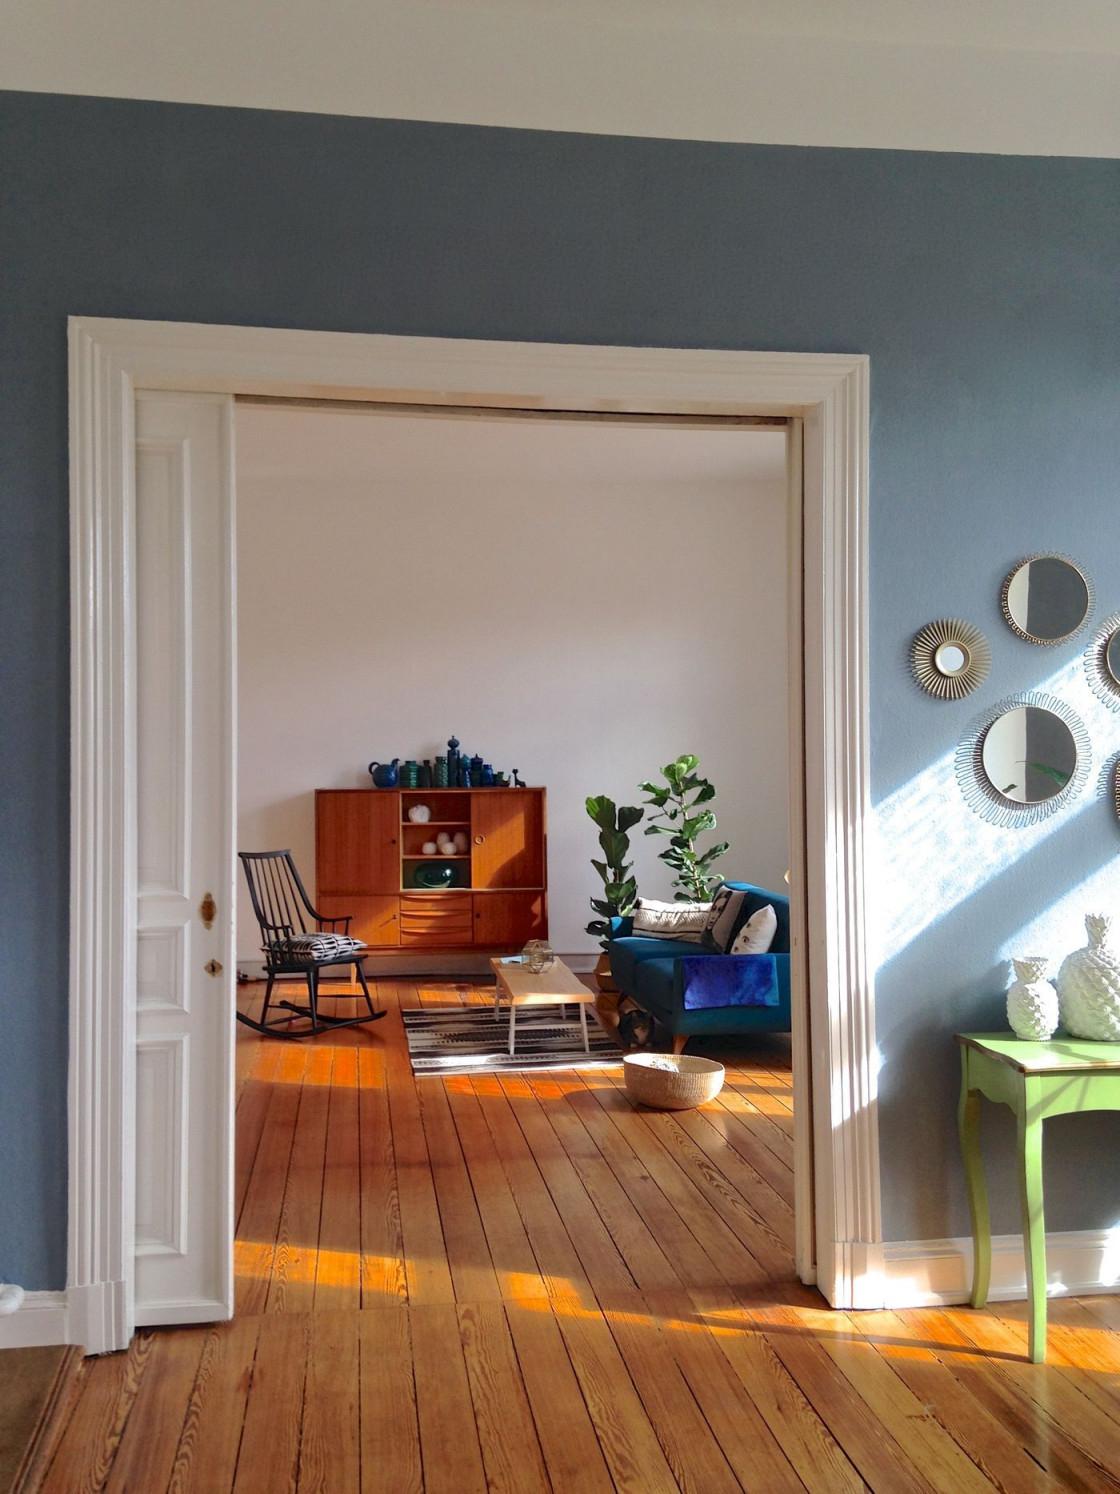 Wohnzimmer Die Schönsten Ideen von Inneneinrichtung Ideen Wohnzimmer Bild